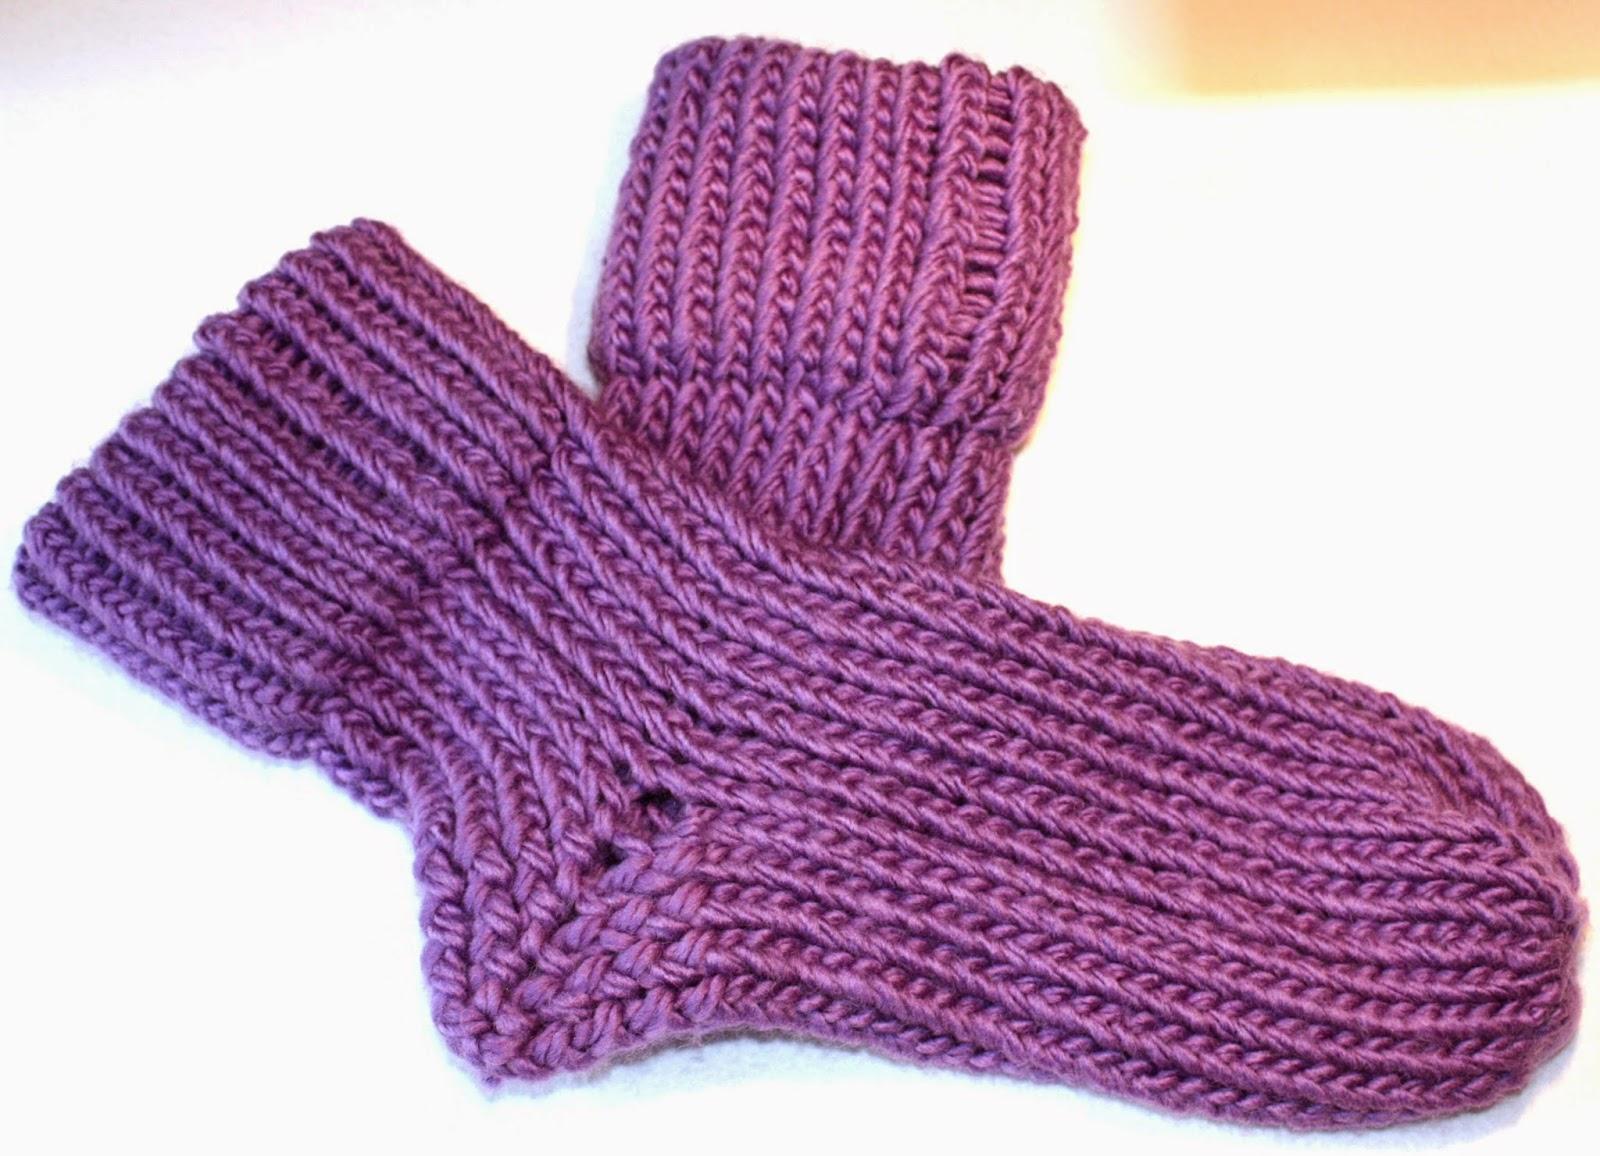 sok; sokken; breien; breiring; breipatroon; makkelijk; eenvoudig; beginner; snel; leren;